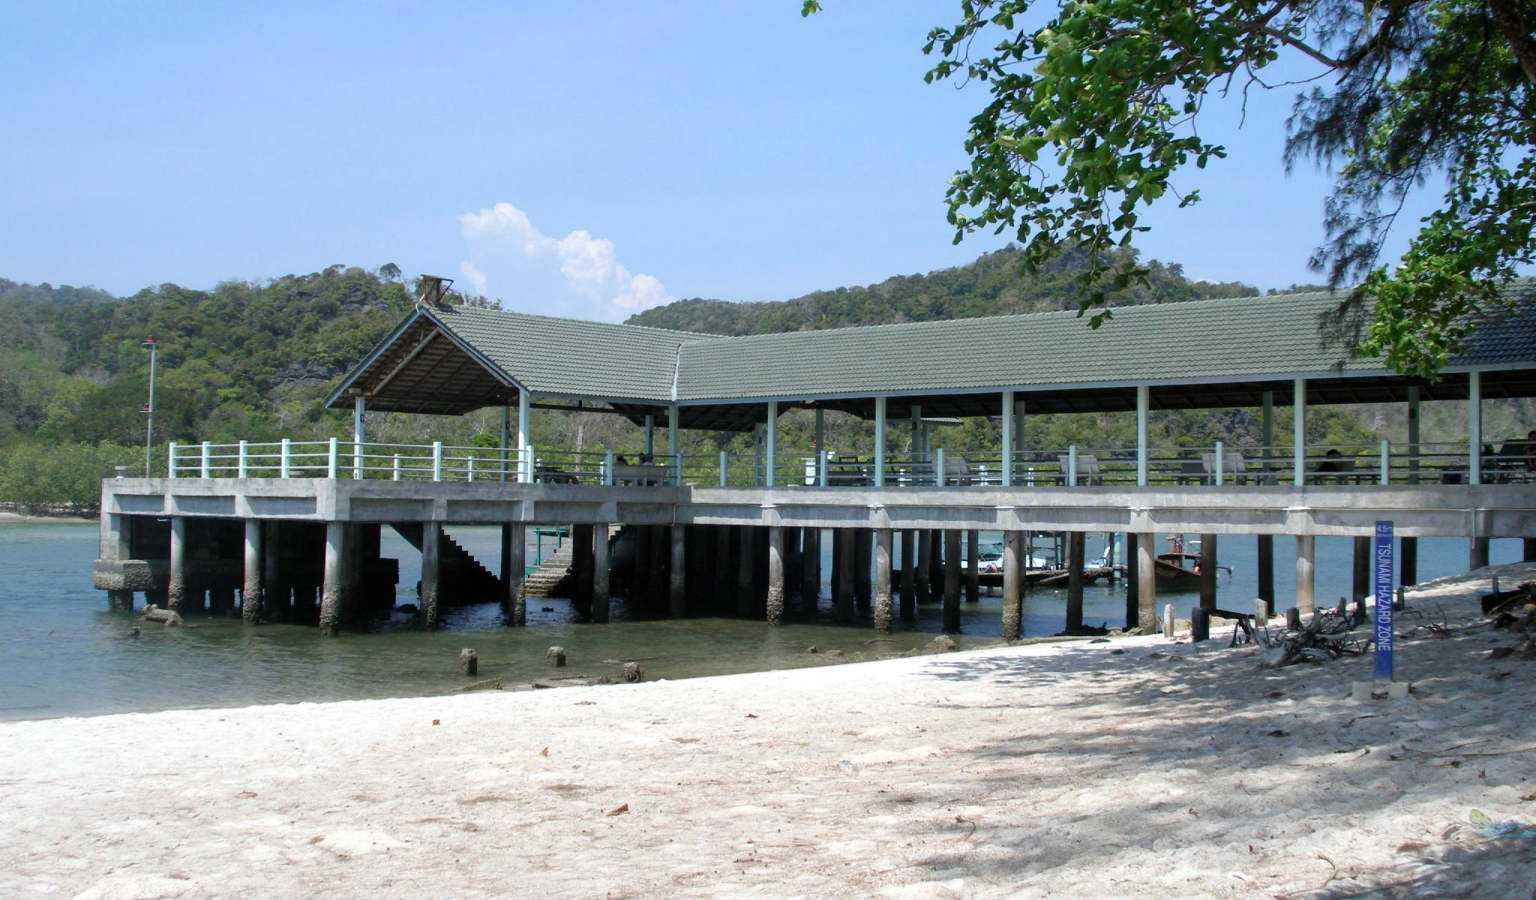 De pier van Koh Tarutao waar men op aankomt vanaf het vasteland of Koh Lipe